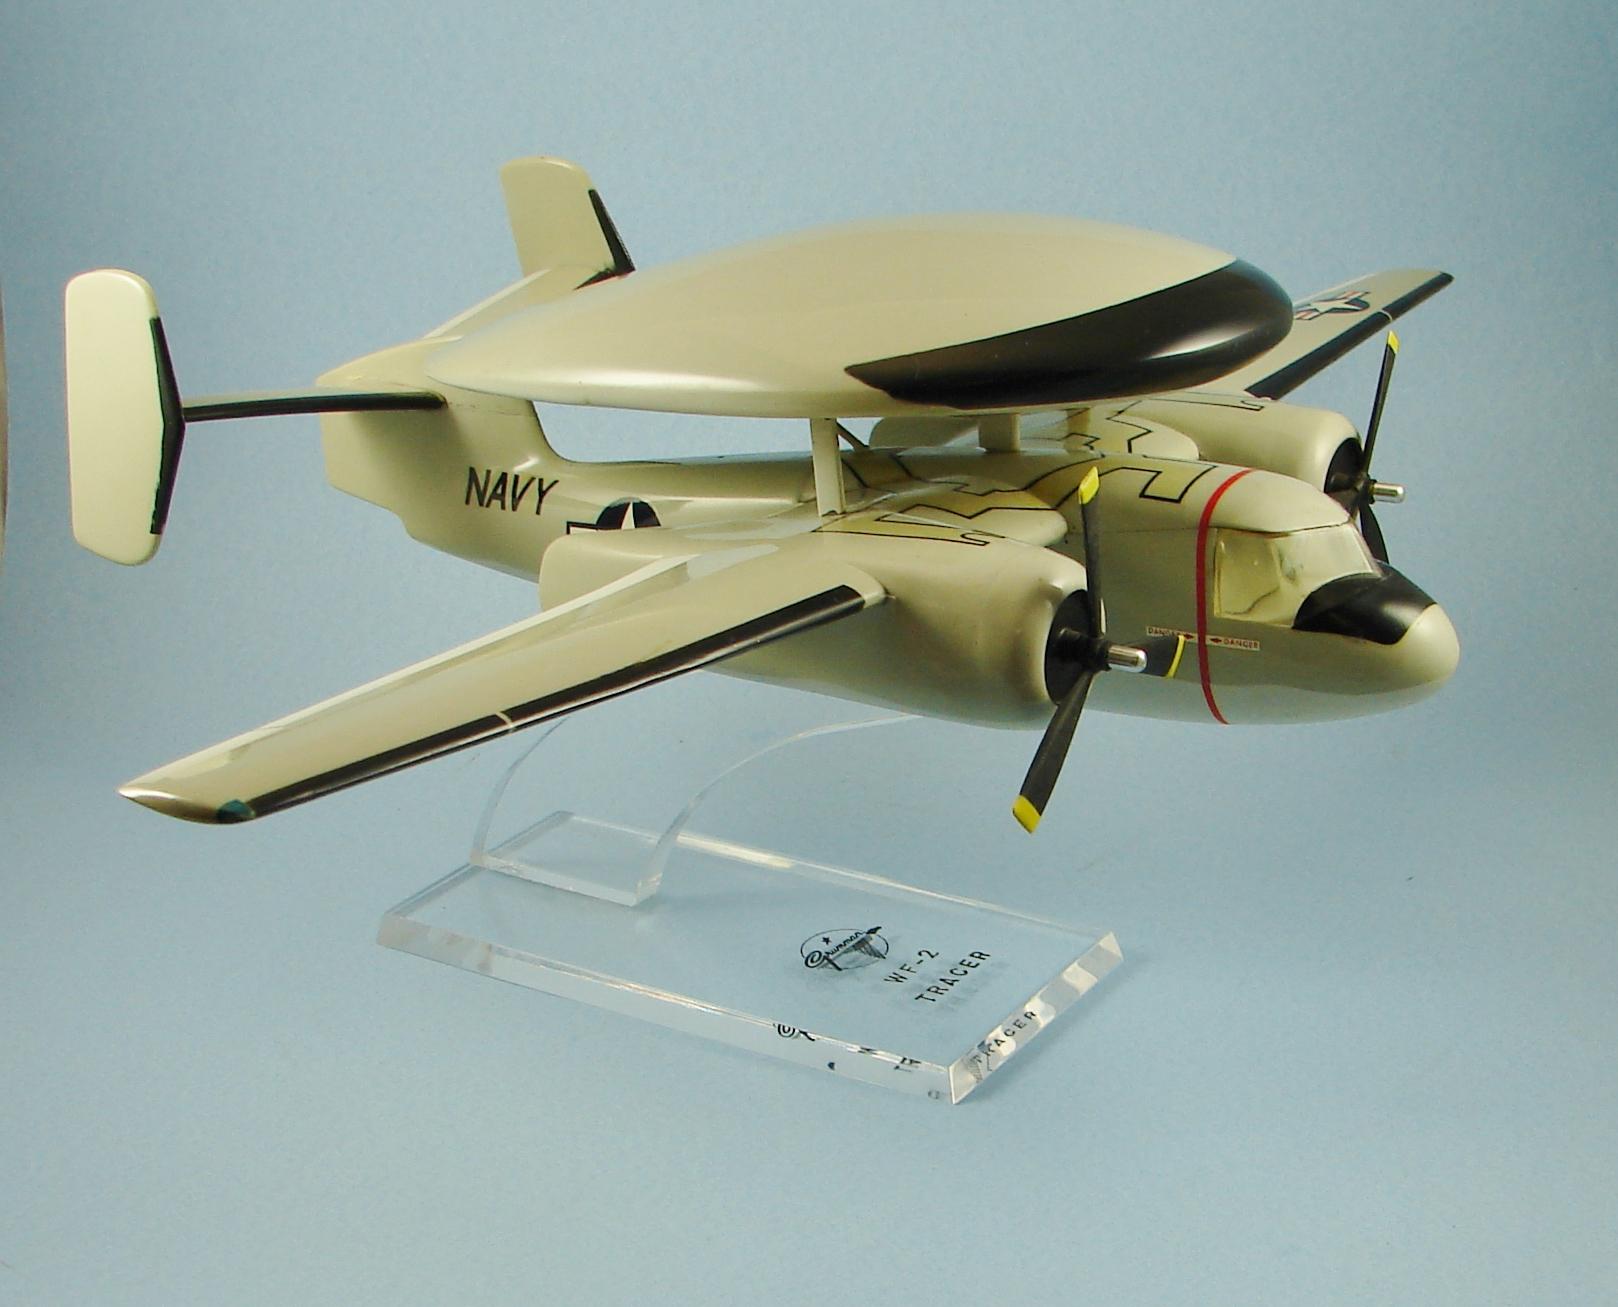 Grumman WF-2 Tracer